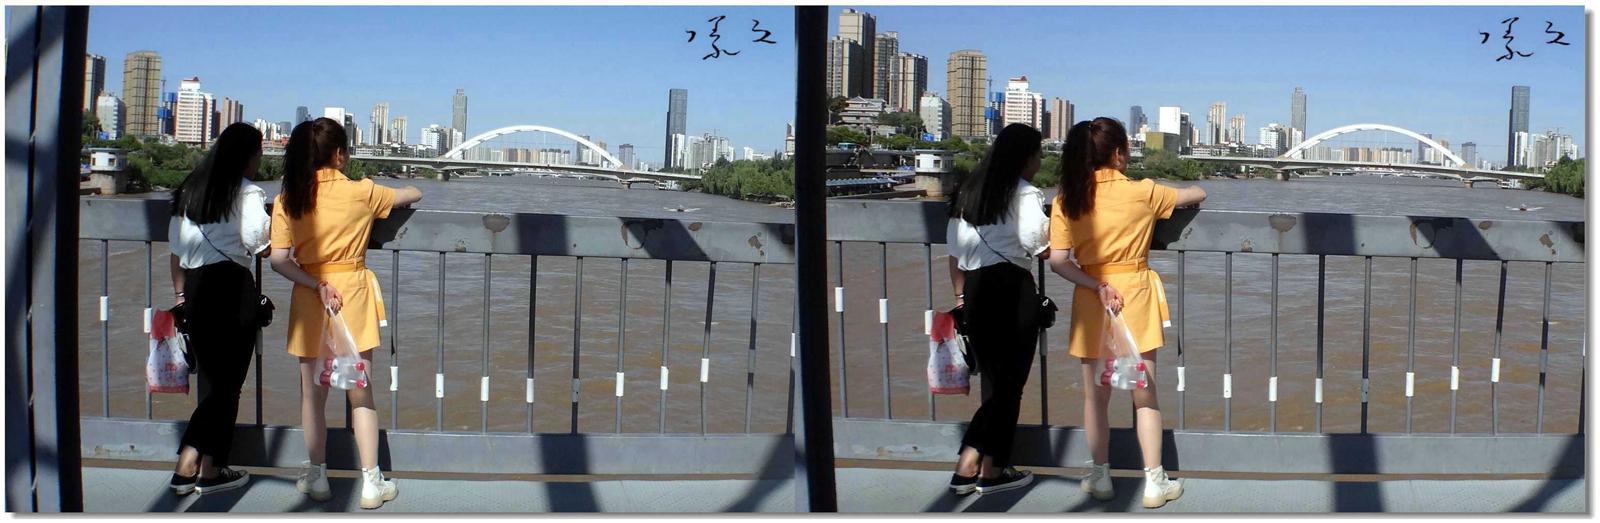 【原创】铁桥上的风景 -3